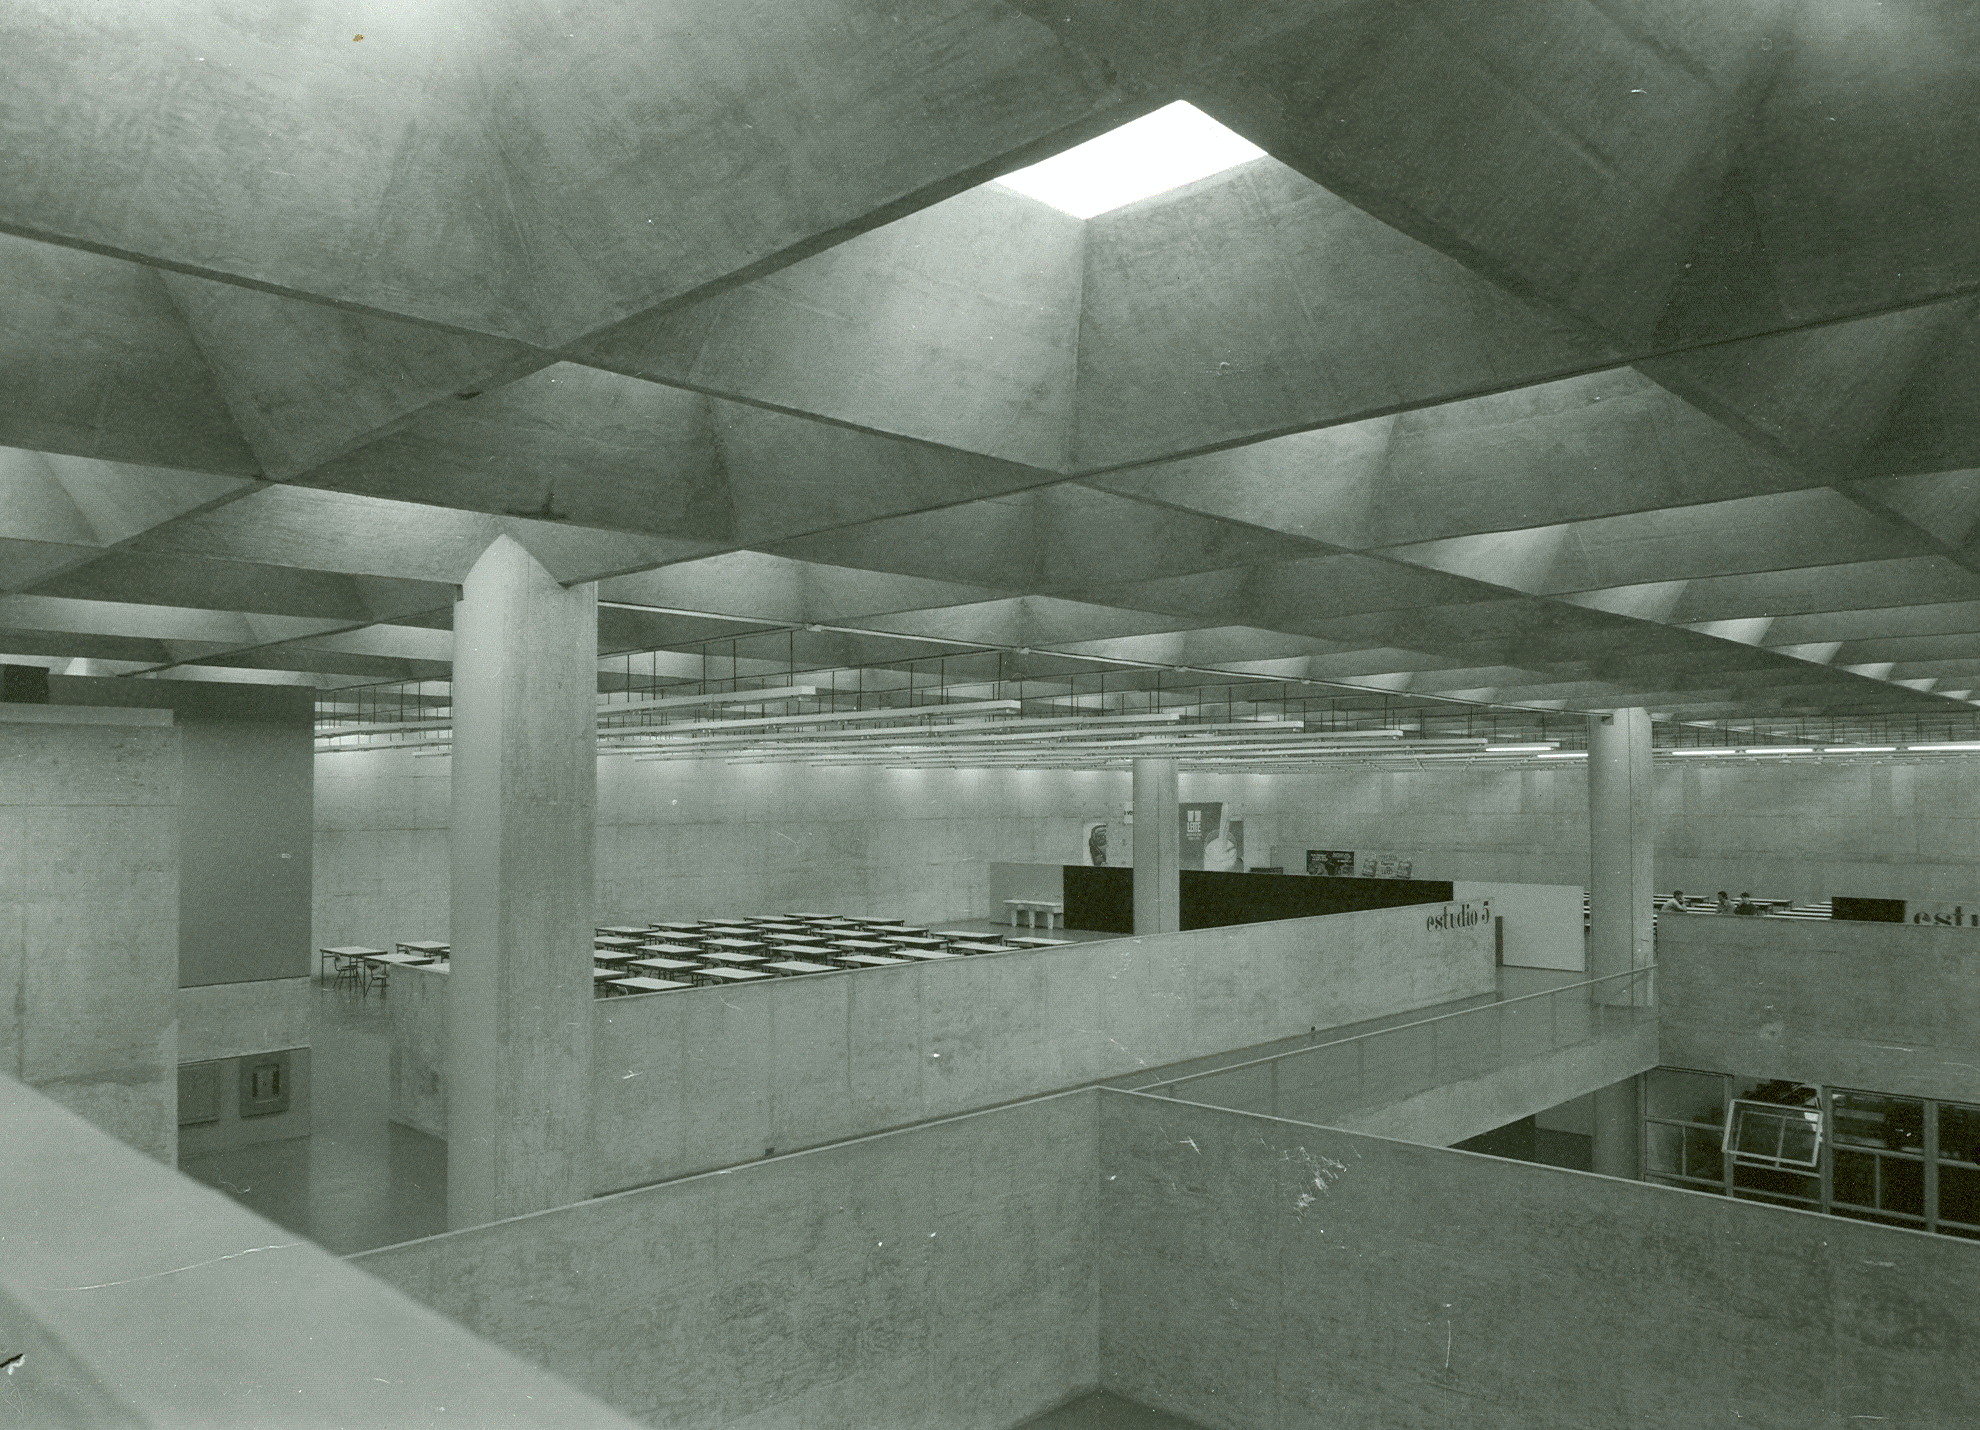 Fauusp Faculdade De Arquitetura E Urbanismo University Of Sao Paulo Vilanova Artigas Arquitectura